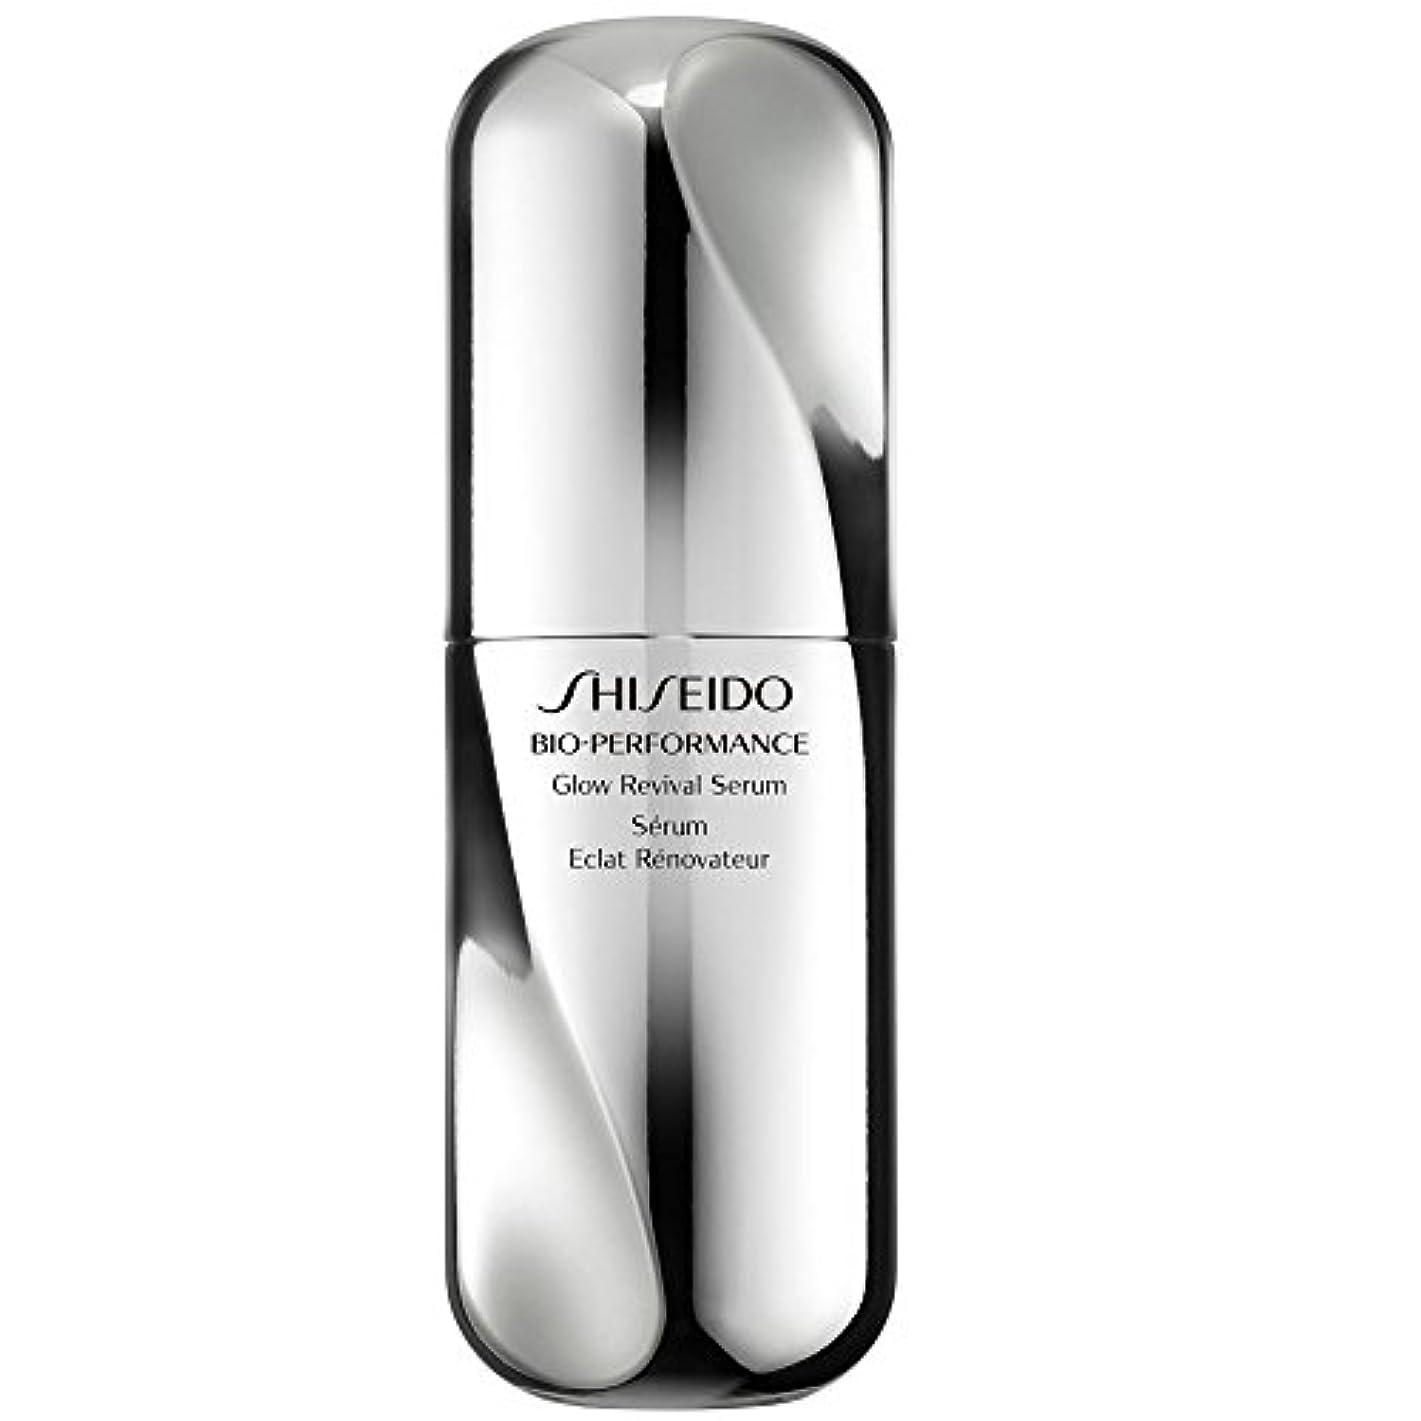 スパーク横向きメディア[Shiseido] 資生堂バイオパフォーマンスグロー復活セラム30Ml - Shiseido Bio-Performance Glow Revival Serum 30ml [並行輸入品]